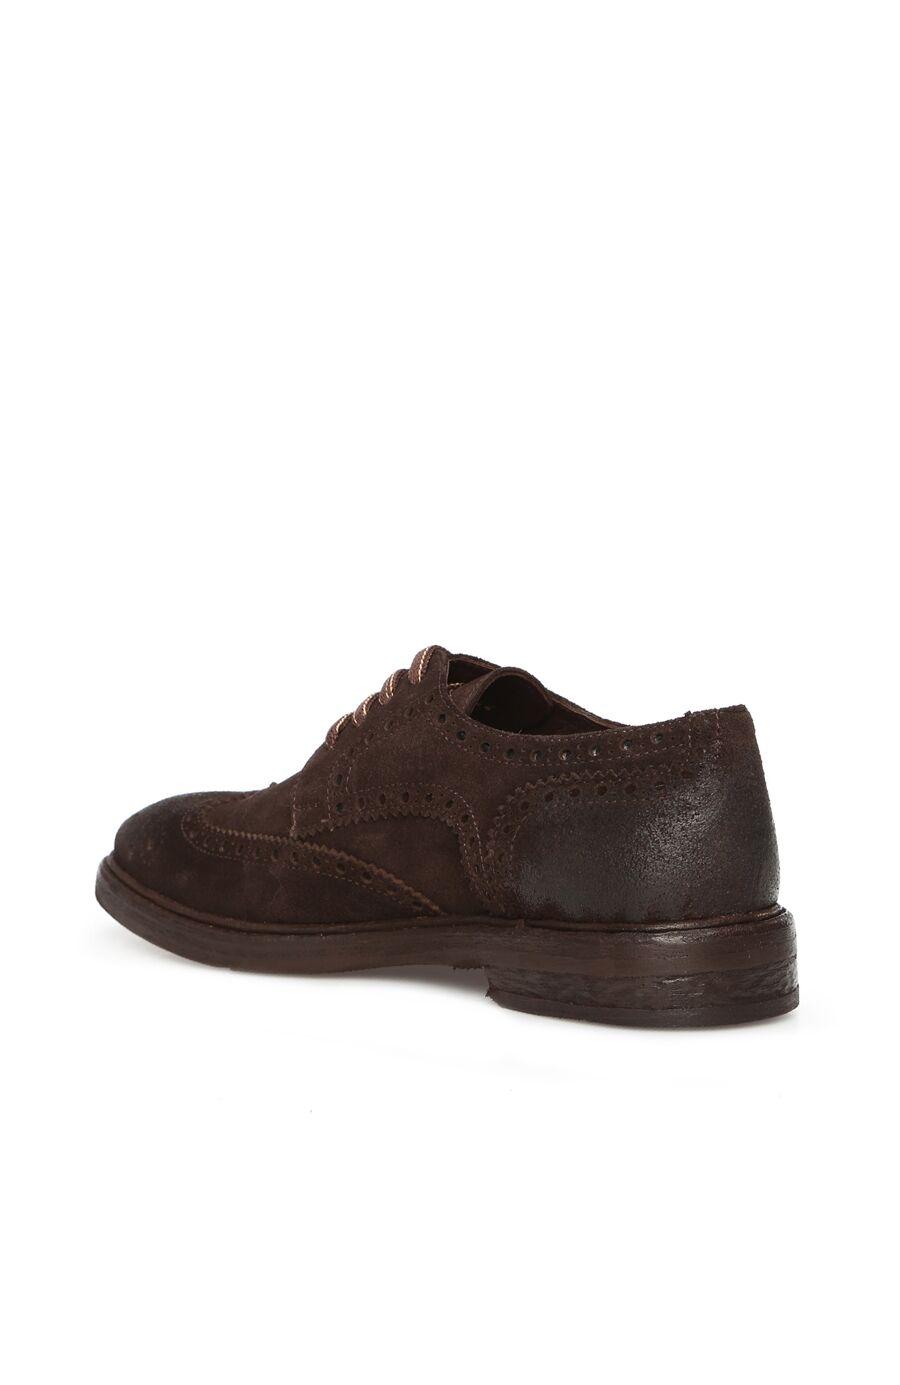 Kahverengi Kösele Tabanlı Erkek Süet Ayakkabı